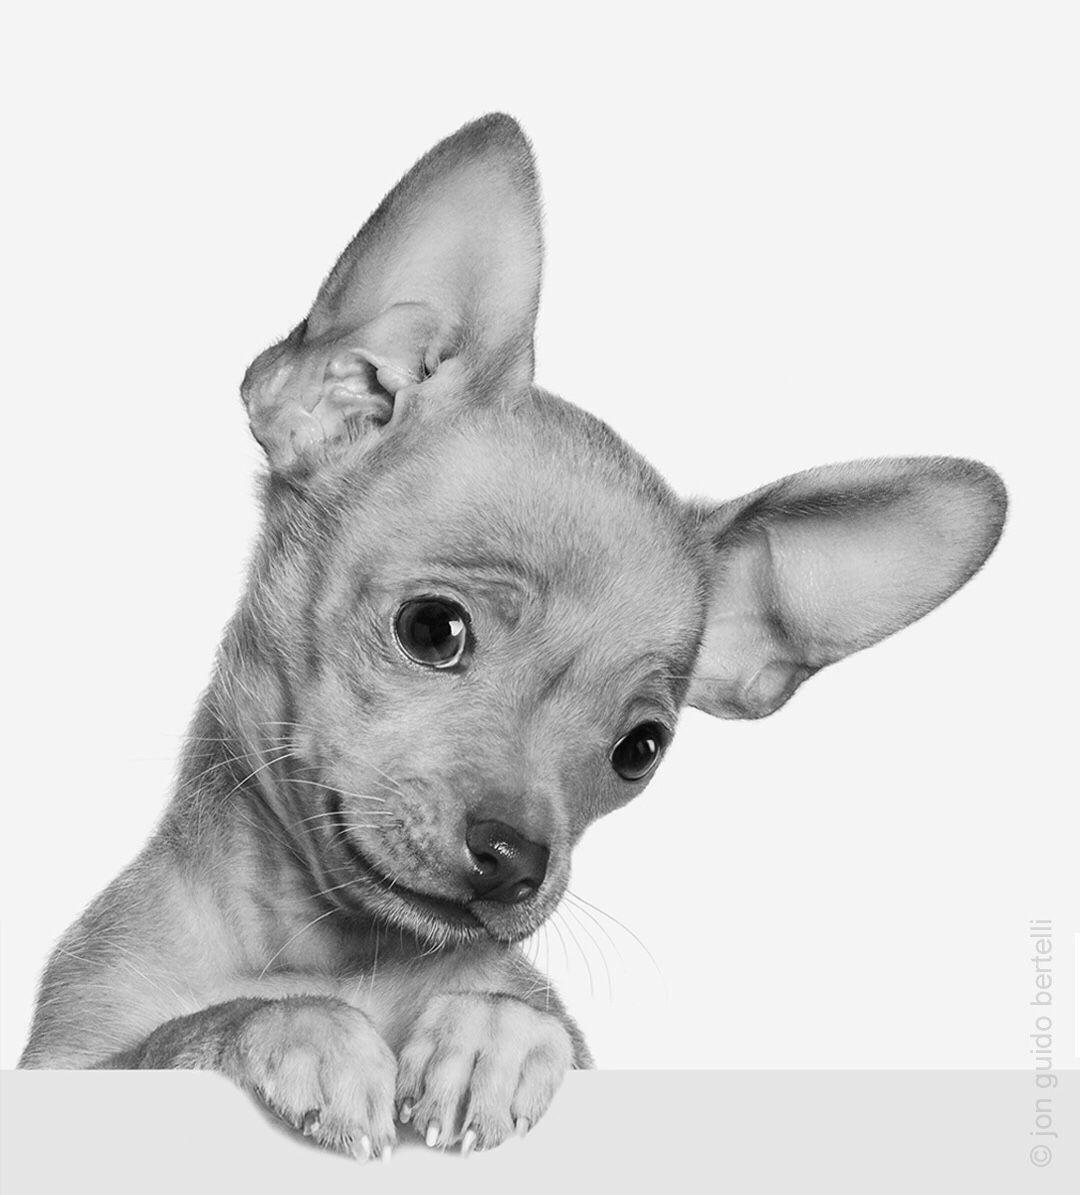 Chihuahua chihuahua dog pet 📷Jon Bertelli Photography